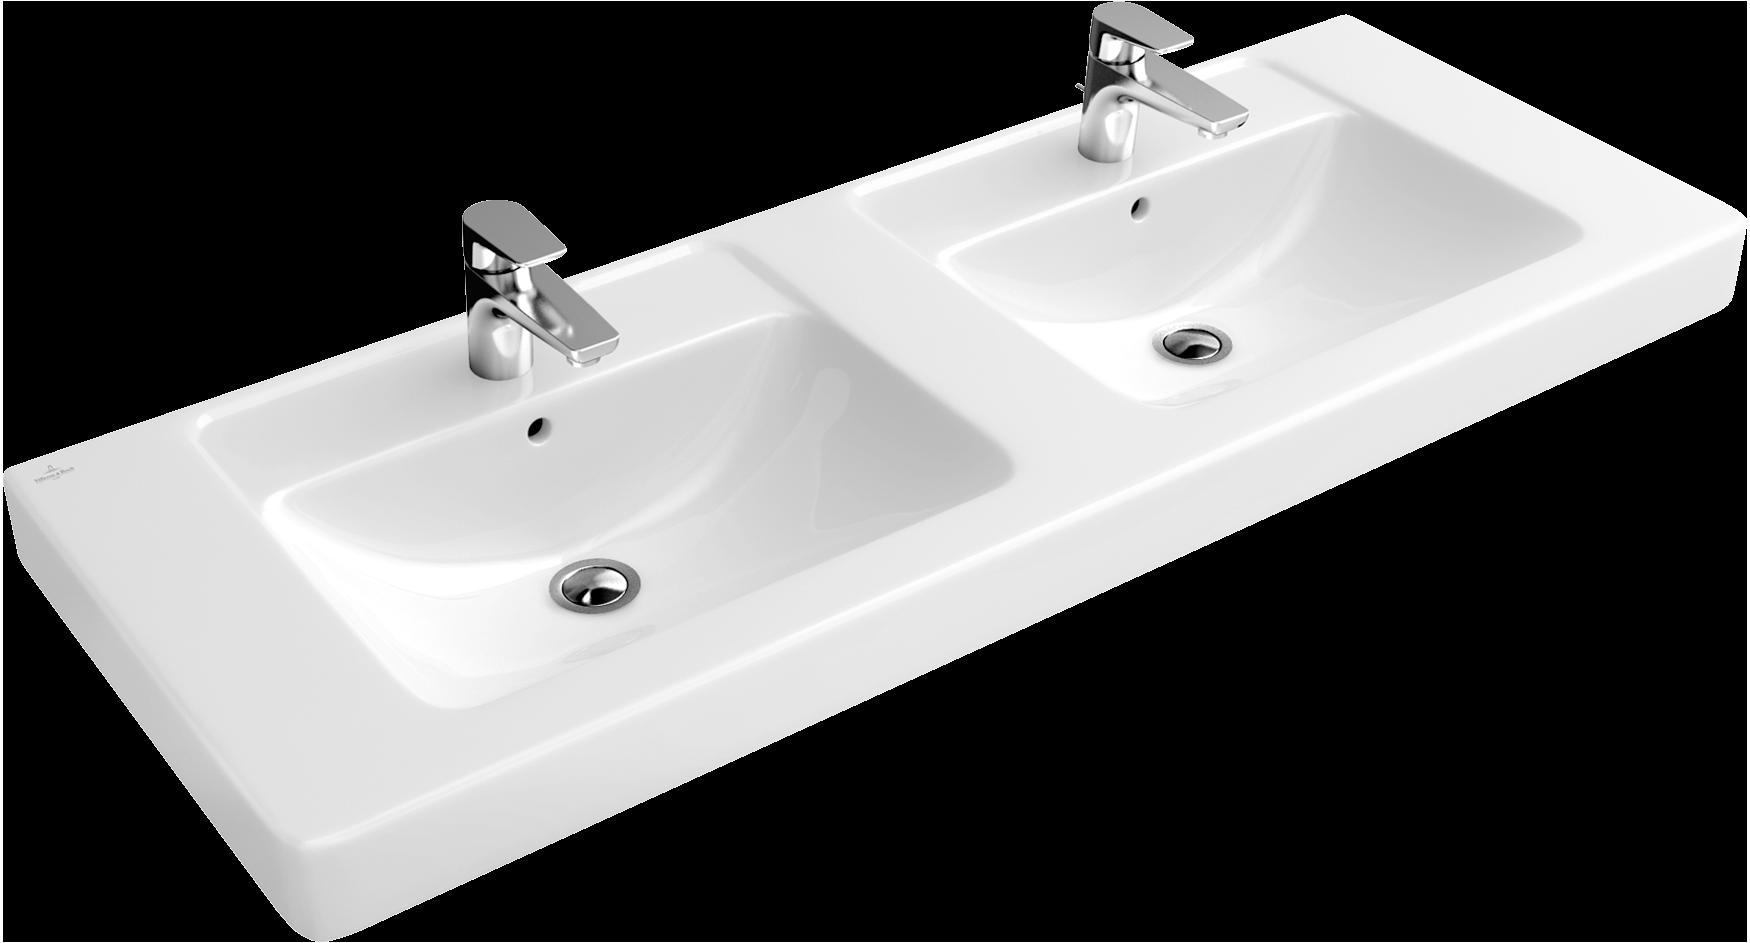 Innovativ Architectura Schrank-Doppelwaschtisch Eckig 613113 - Villeroy & Boch AL98